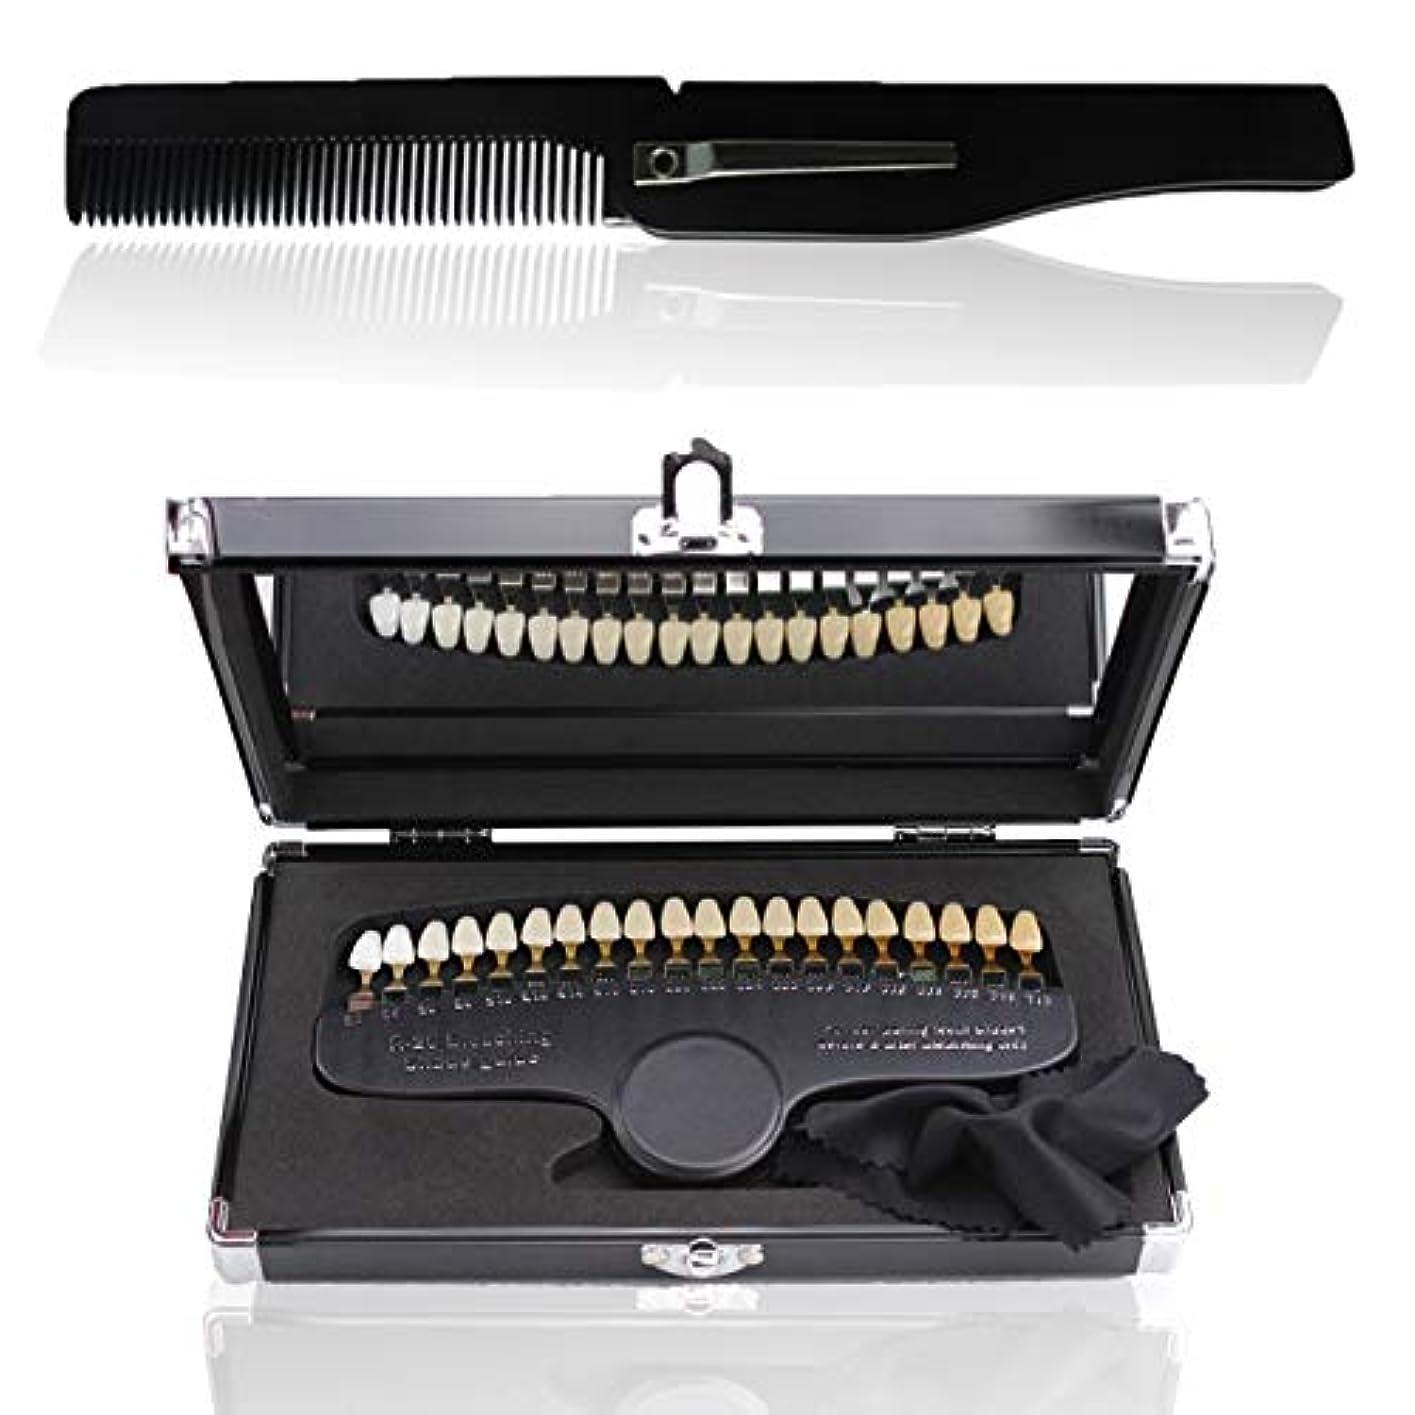 会計細断タックルフェリモア 歯 シェードガイド 色見本 歯列模型 段階的 櫛付き 鏡付き 収納ケース付き 20段階 (20段階)